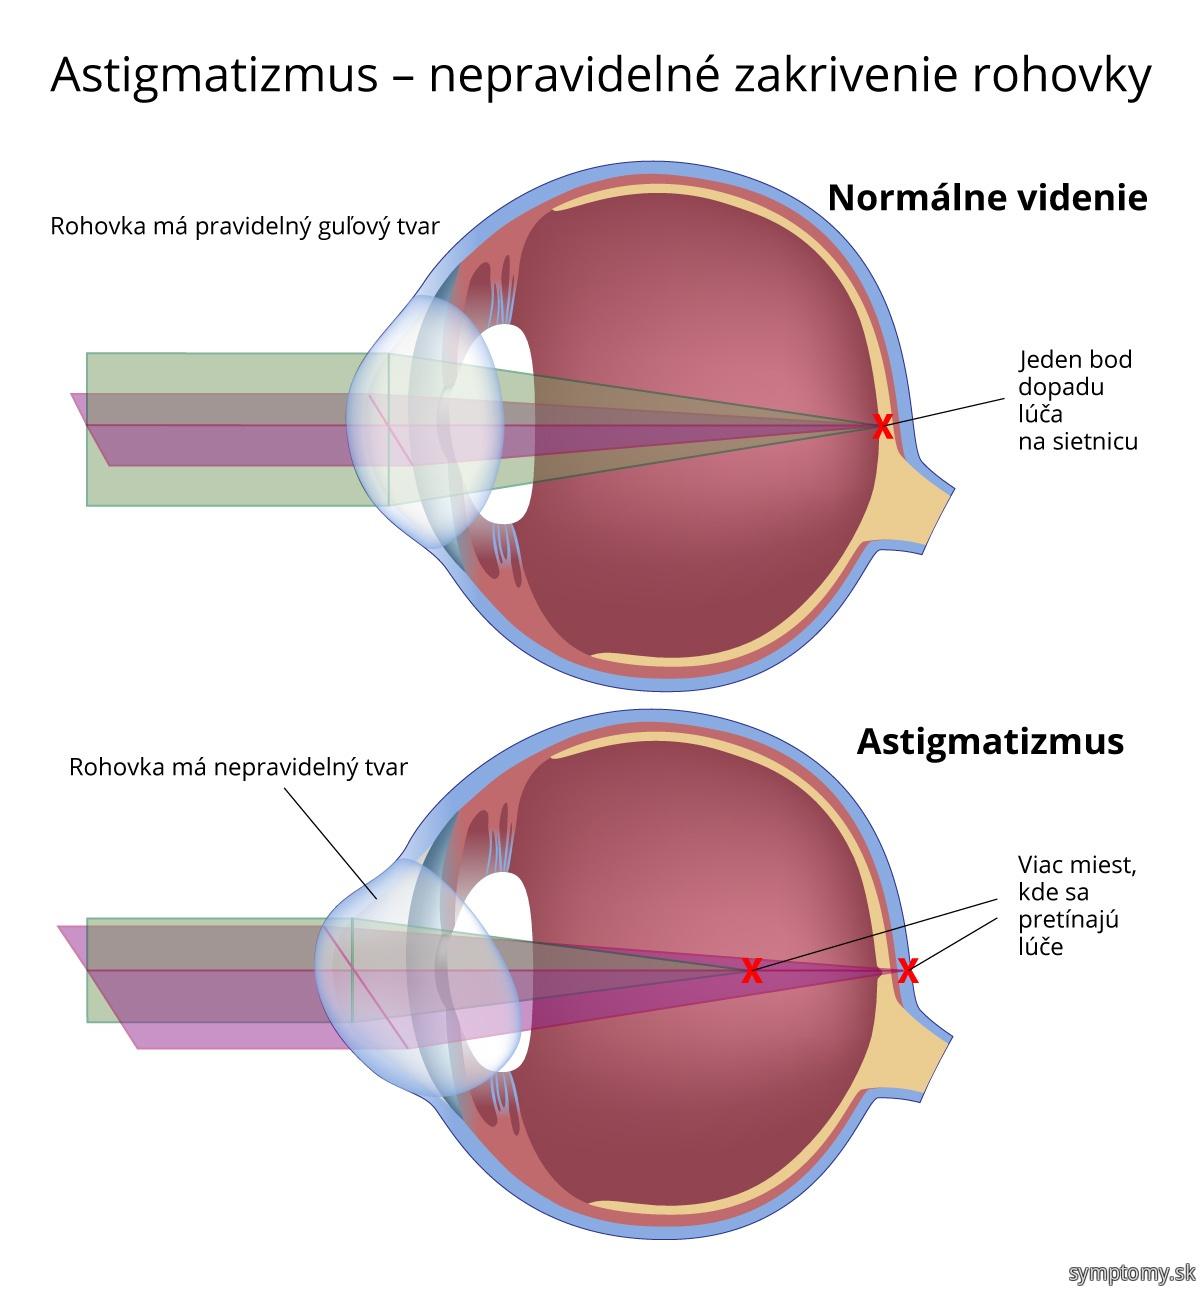 Astigmatismus - nepravidelné zakrivenie rohovky